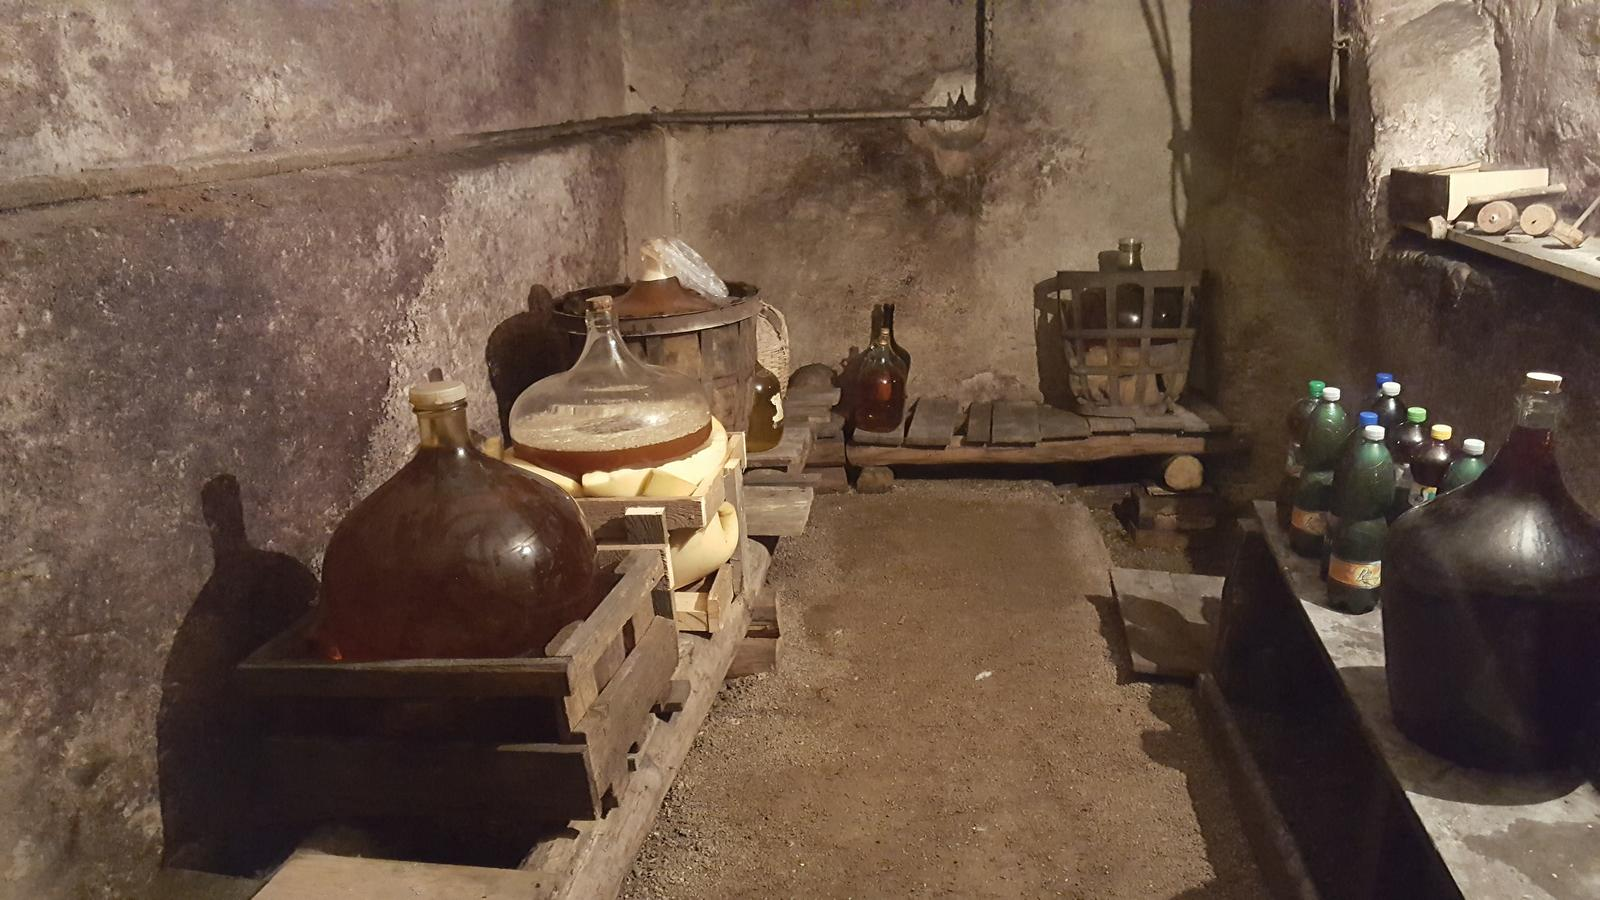 Prerabka domu v historickom centre - vinna pivnica a prechod do kotolne s podlahou tam budem nieco robit az ked kotolna bude hotova inak je to sympaticky priestor